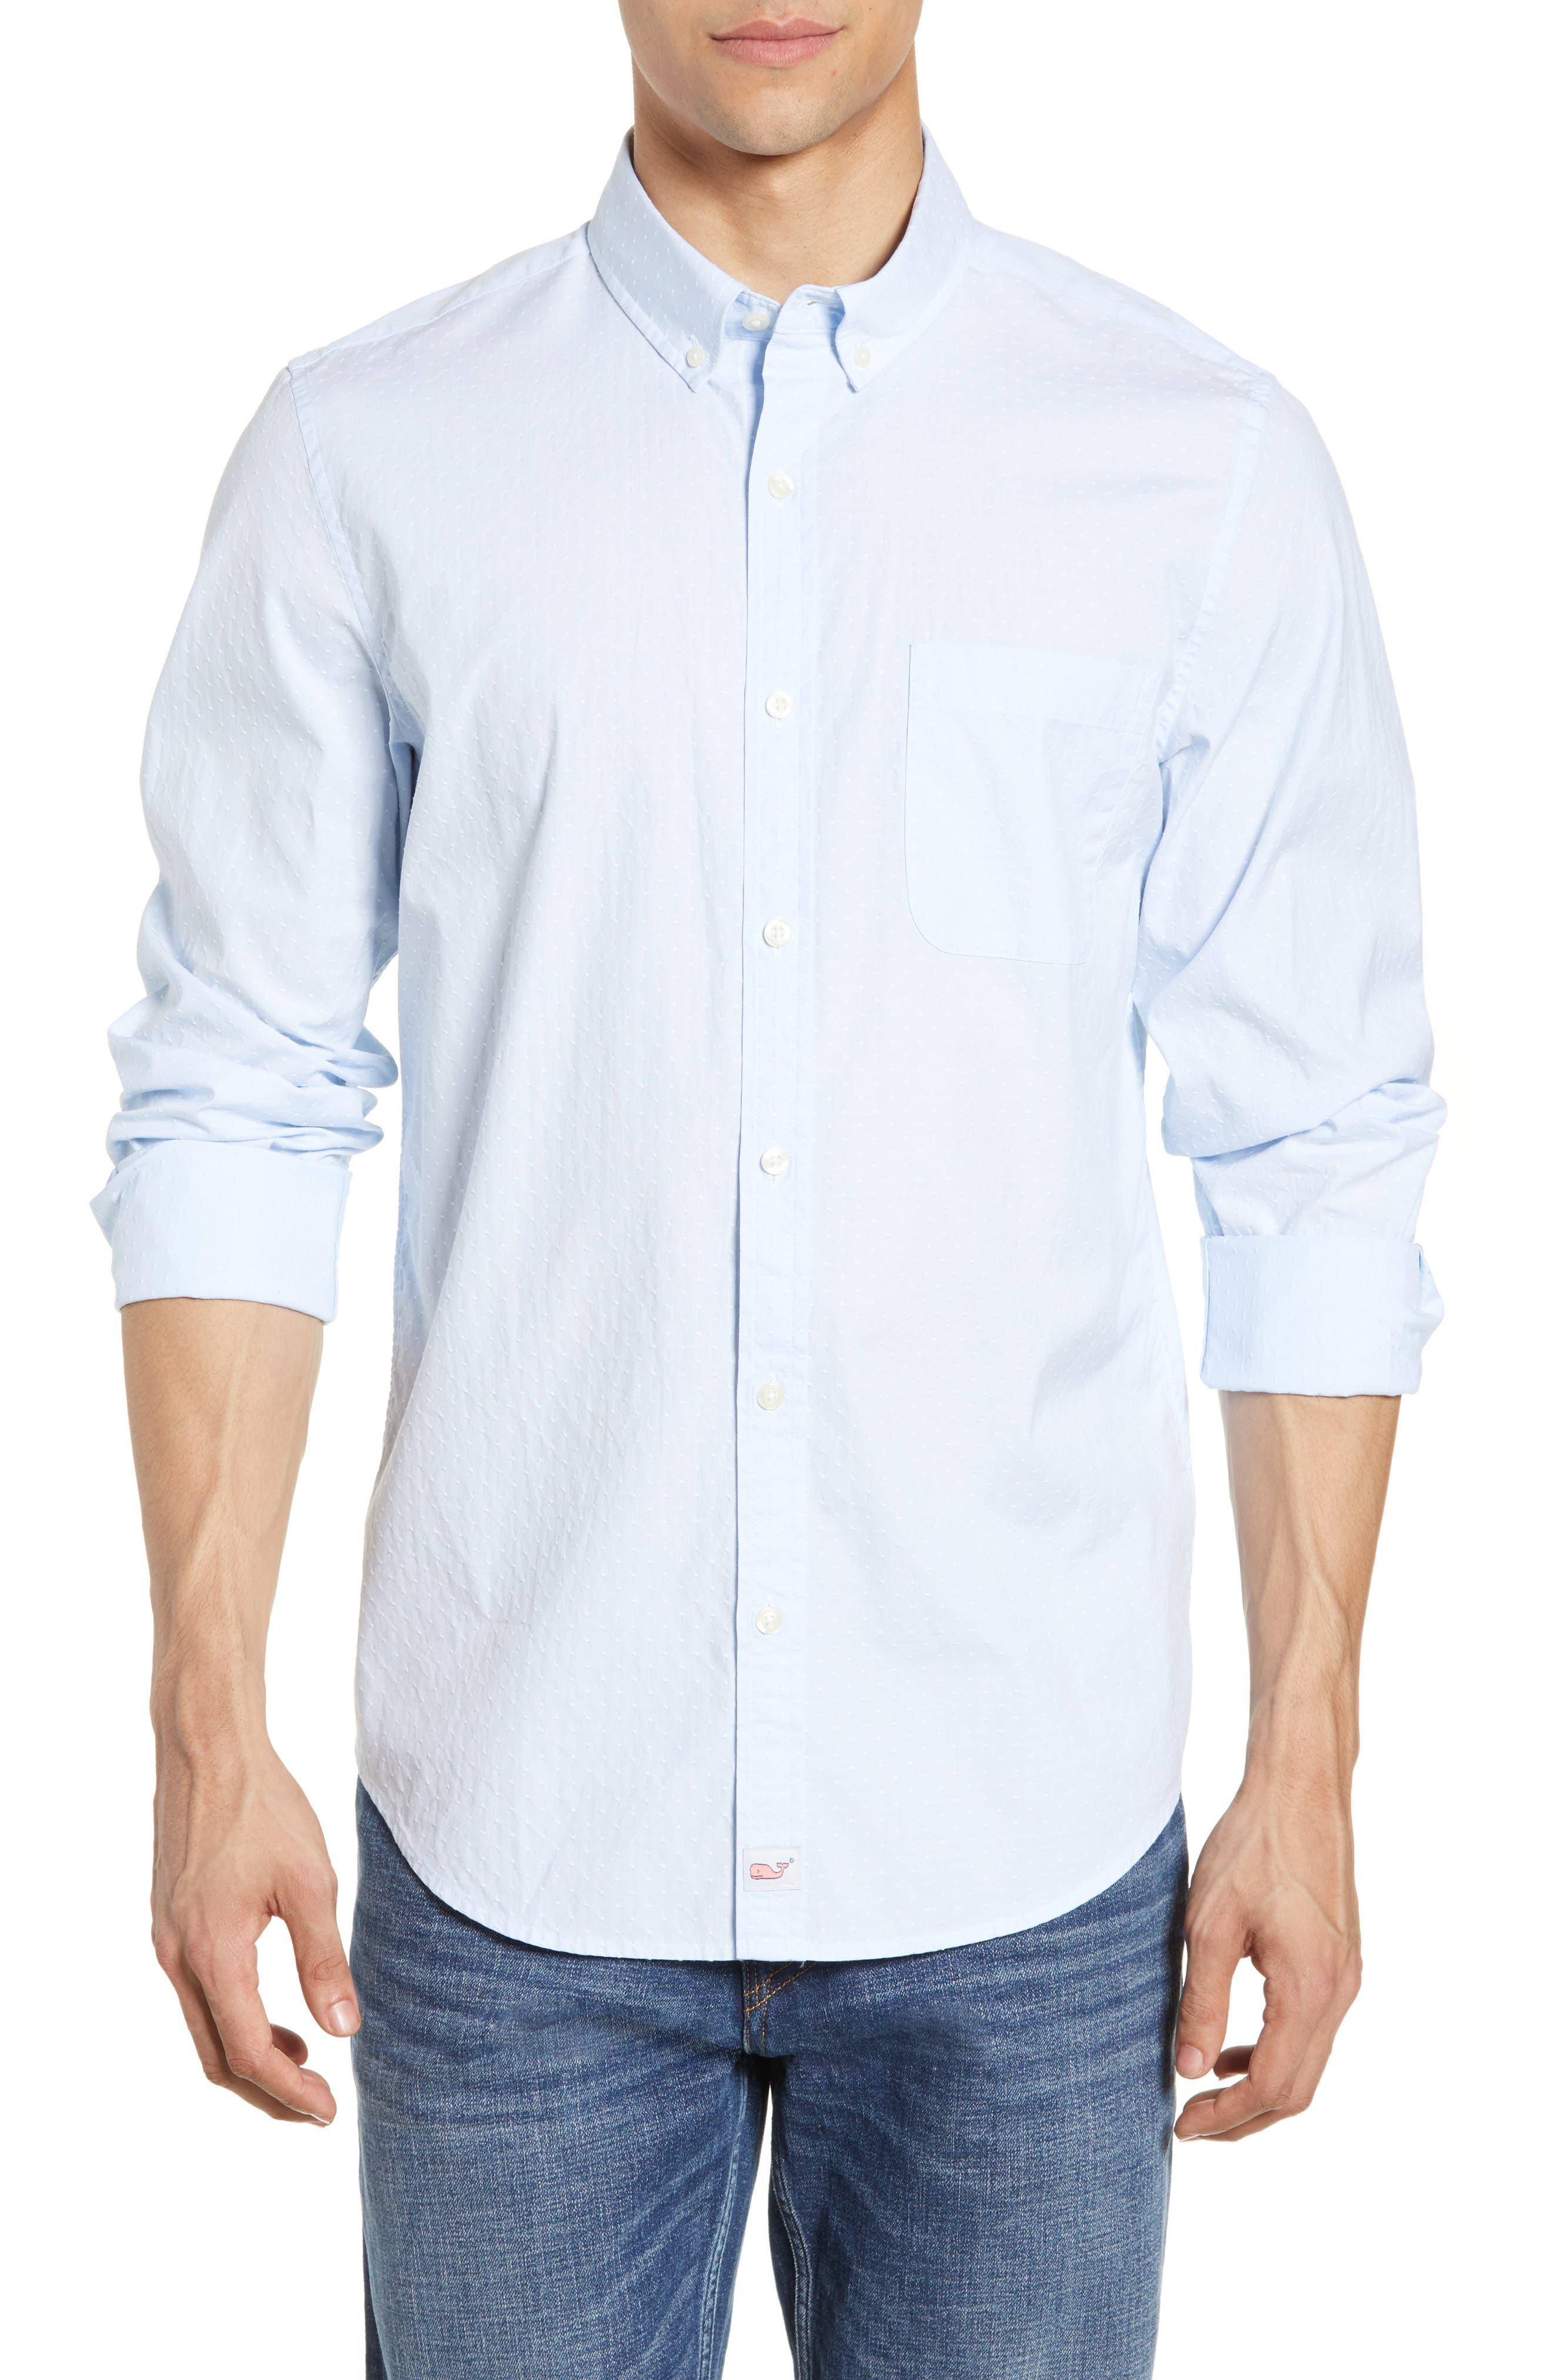 VINEYARD VINES Wavine Slim Fit Dobby Sport Shirt, Main, color, JAKE BLUE